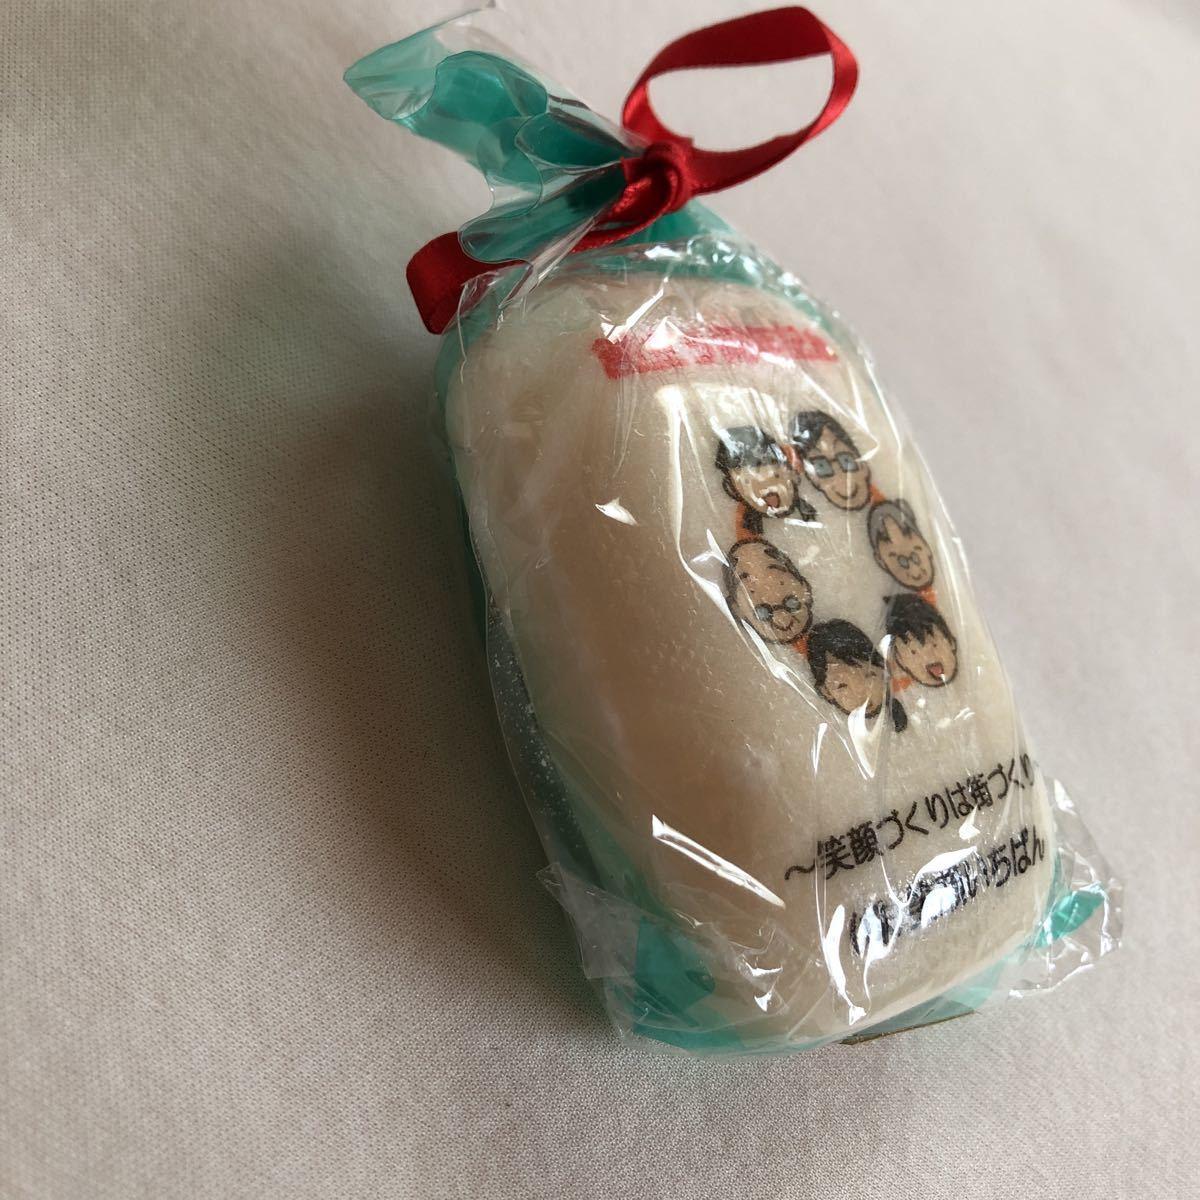 雑貨 せっけん 石鹸 新品 景品 非売品 販促品 ノベルティーグッズ 日本製 創立5周年記念 笑顔づくりは街づくり (株)笑顔いちばん_画像2